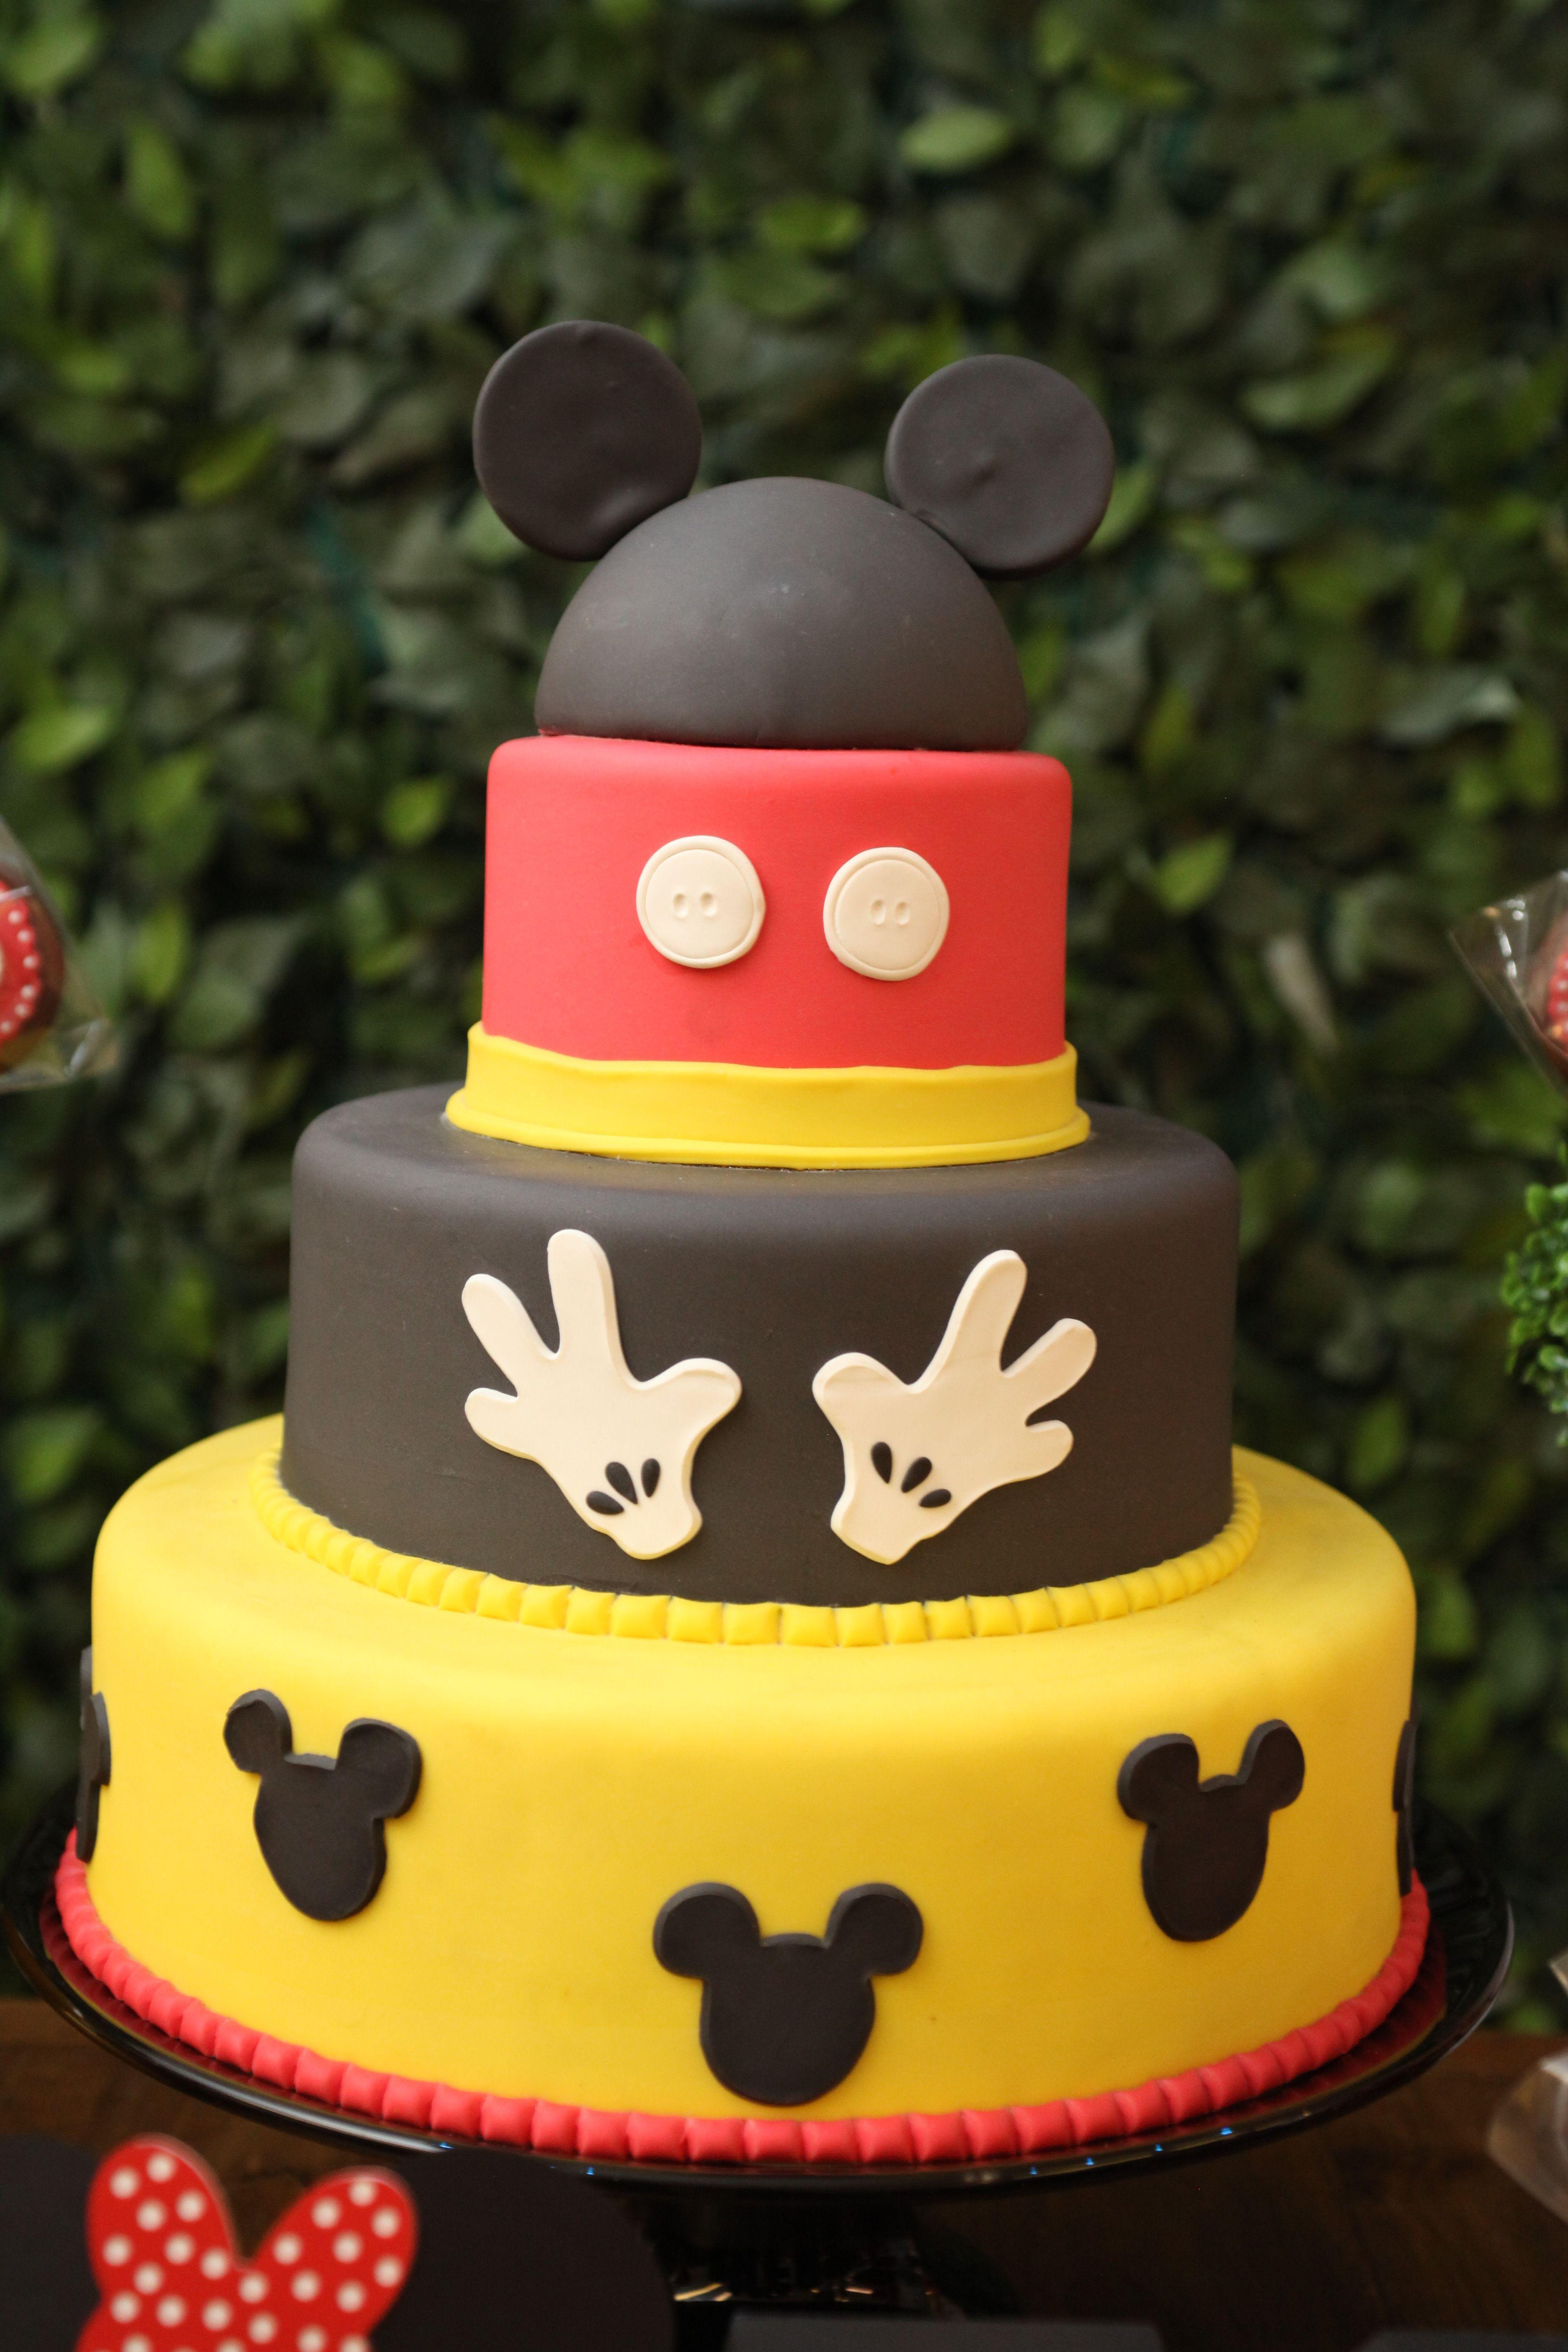 O melhor Buffet infantil lúdico da Zona Leste de SP, ao lado do Tatuapé Festa Mickey Mouse u00bao u00ba  -> Decoração De Festa Infantil Zona Leste Sp